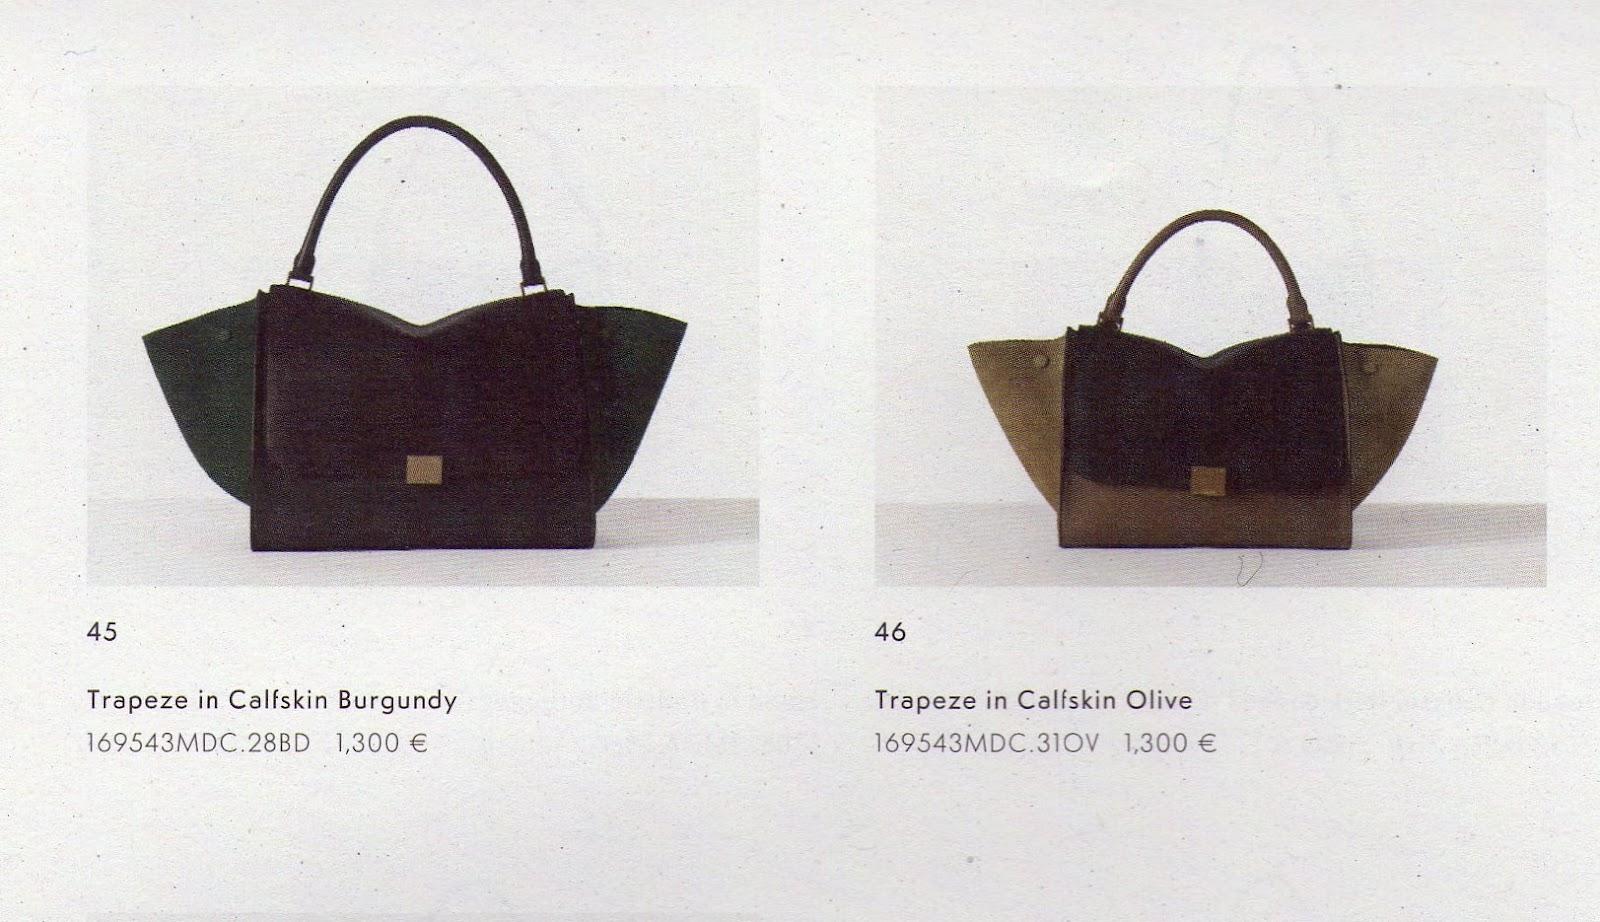 celine original bag price - e poi non mi venite a dire... - Simply V.